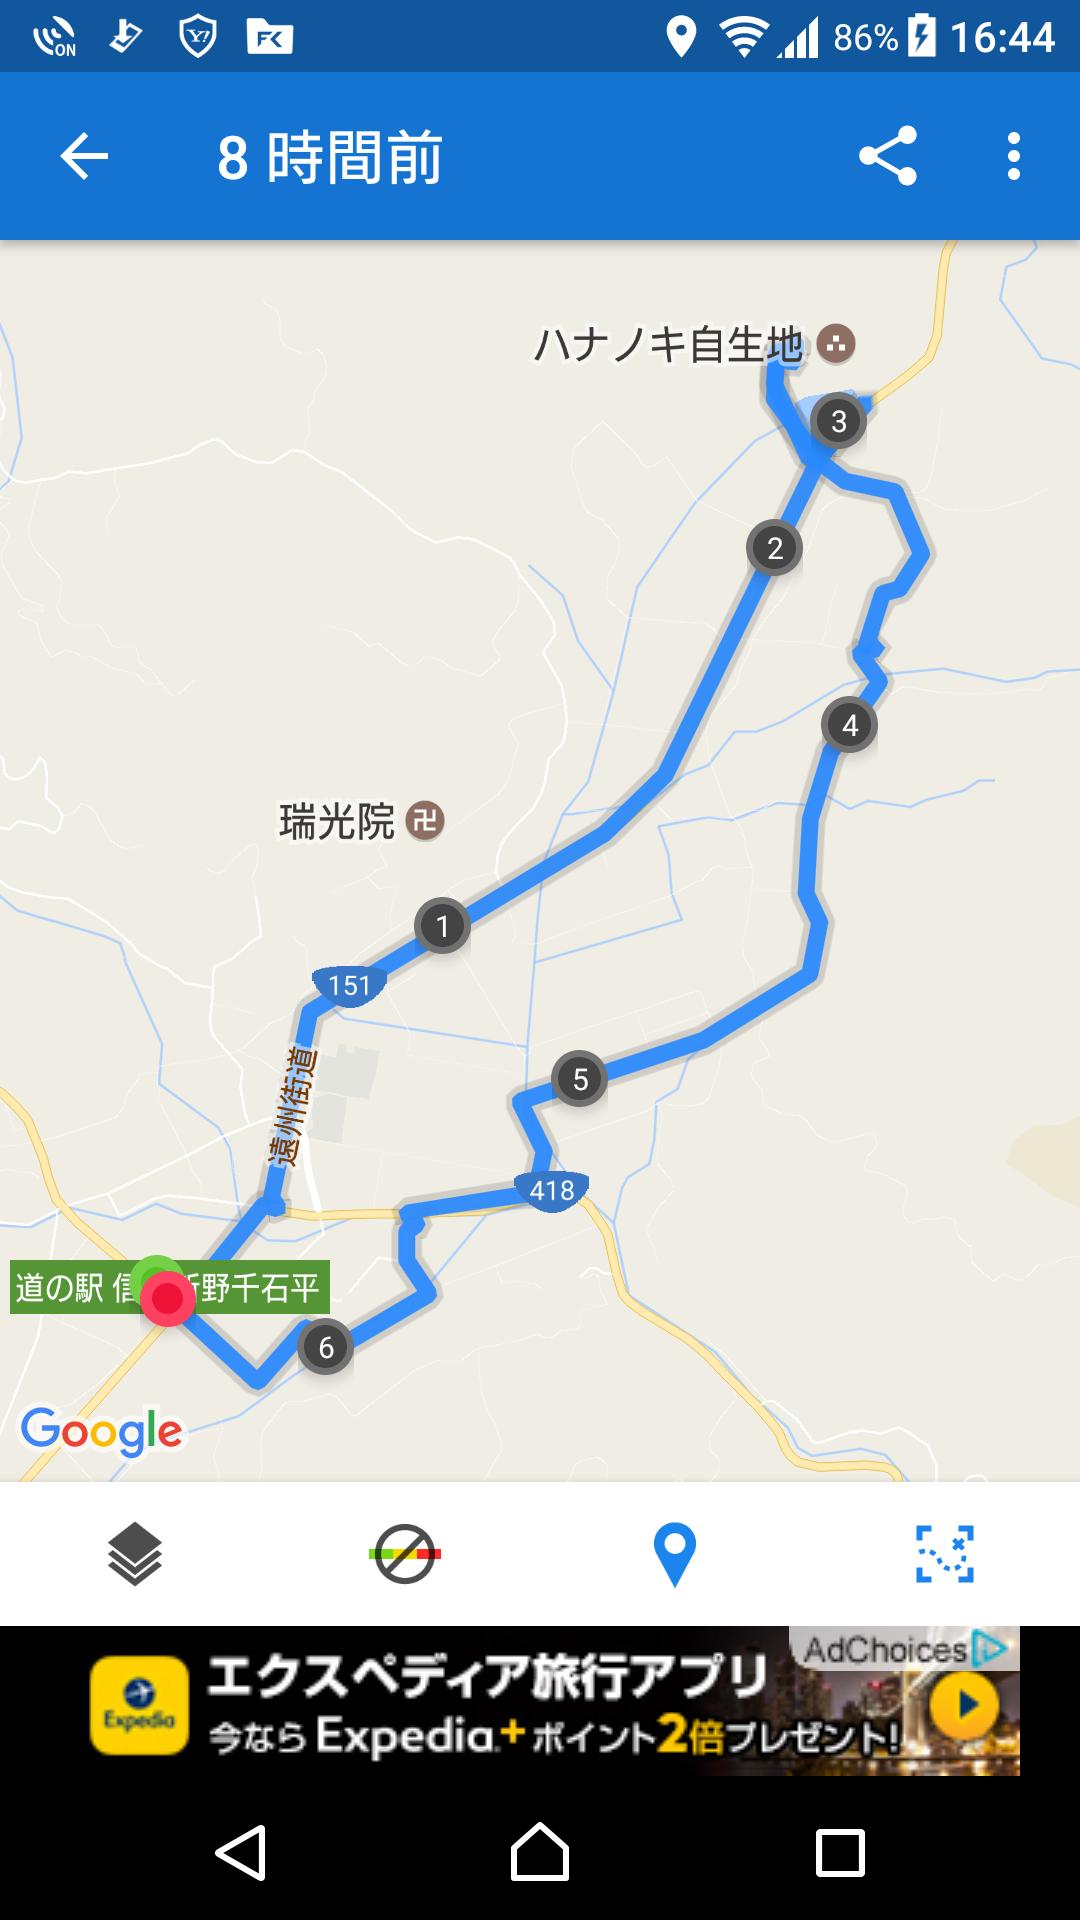 f:id:ynakayama27:20170524171130p:plain